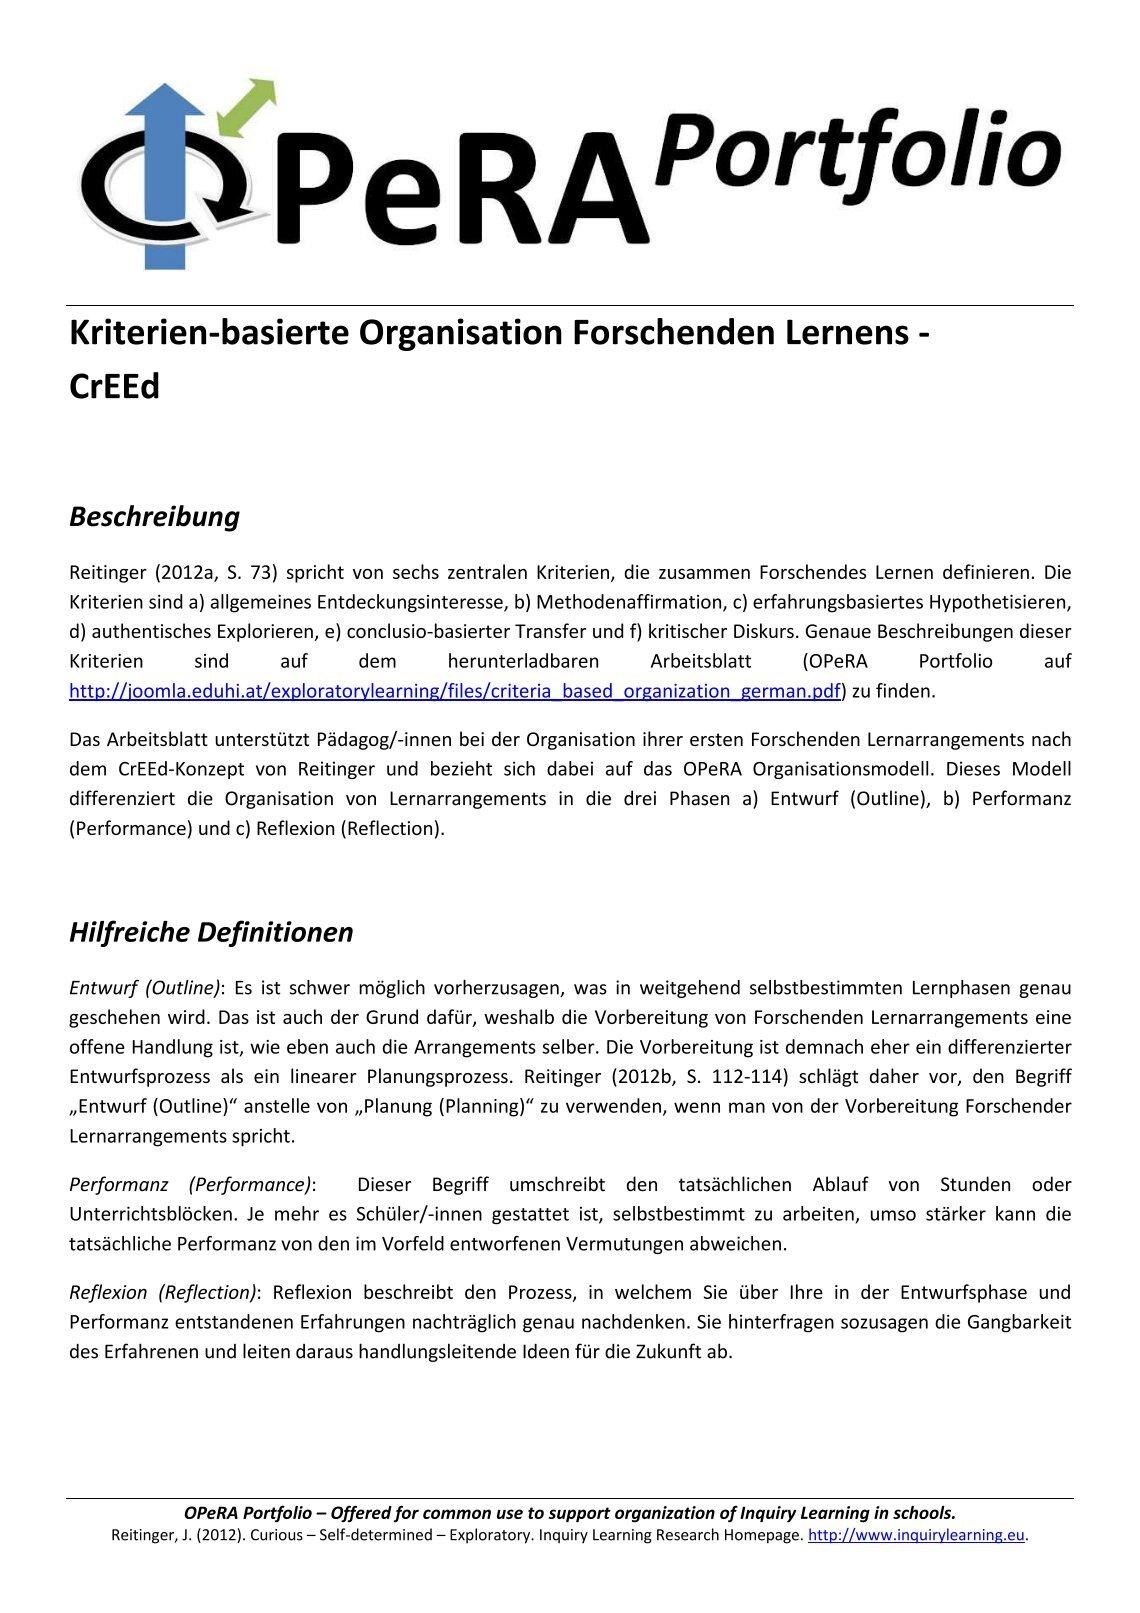 Ausgezeichnet Name Der Fisch Arbeitsblatt Antworten Galerie - Super ...